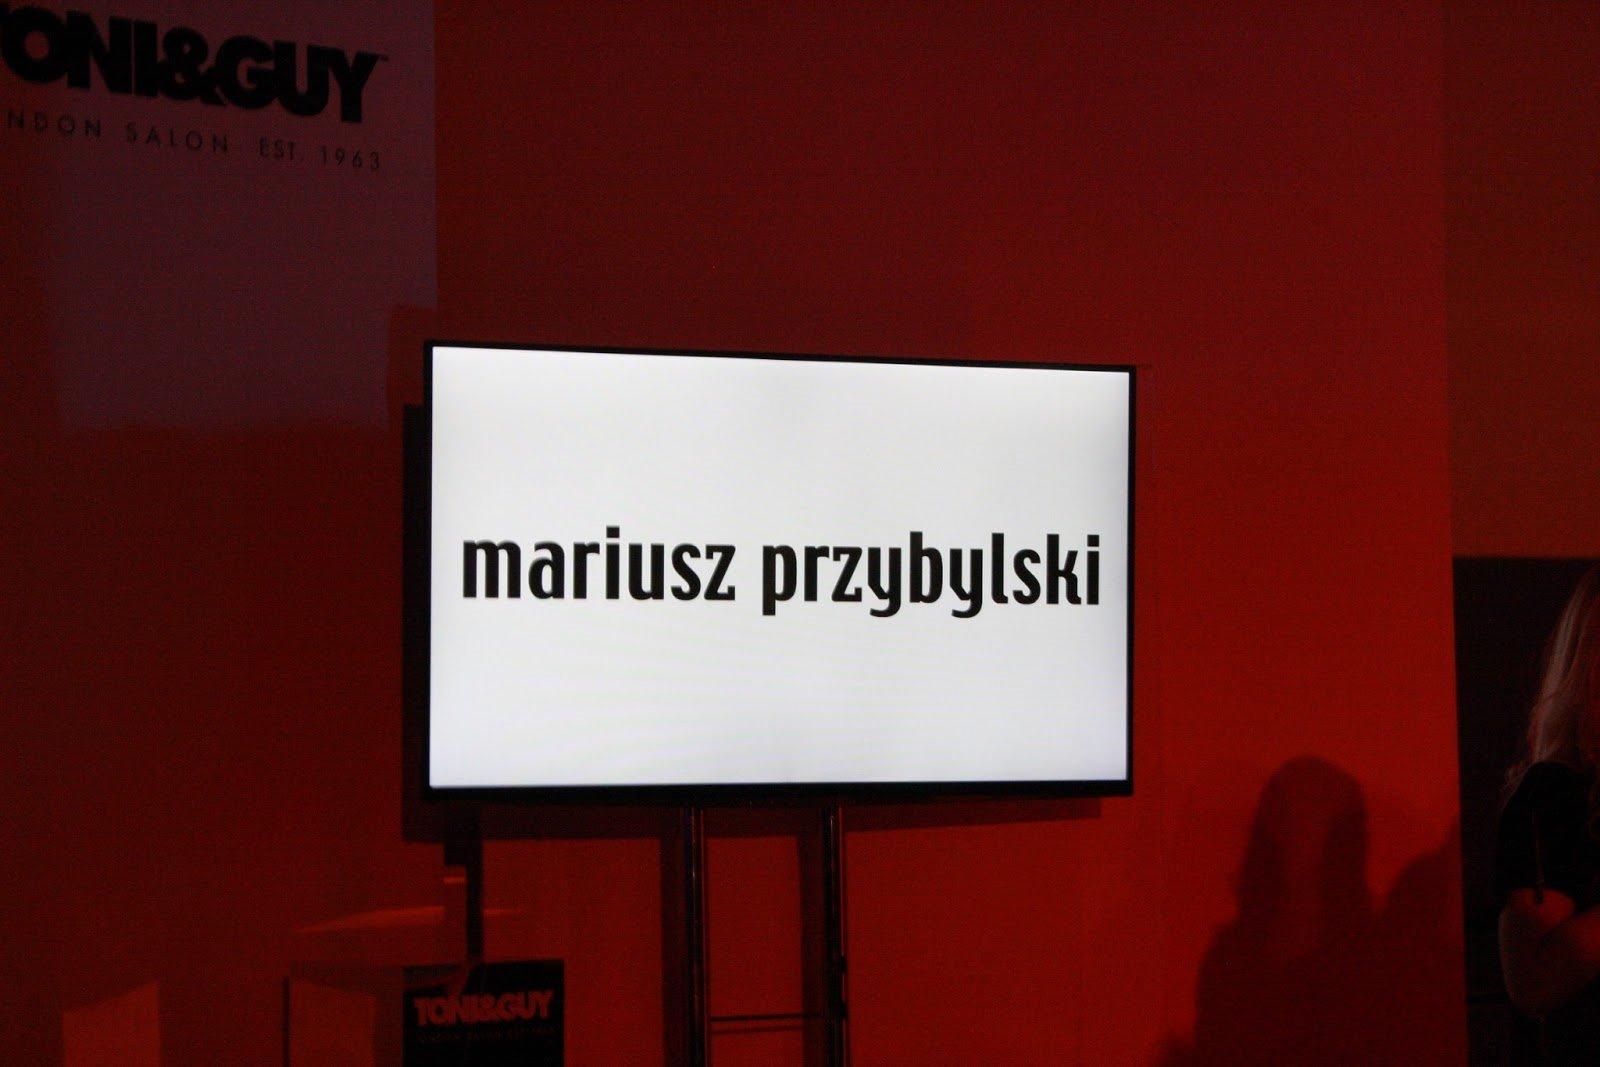 pokaz-Warszawa-Mariusz-Przybylski